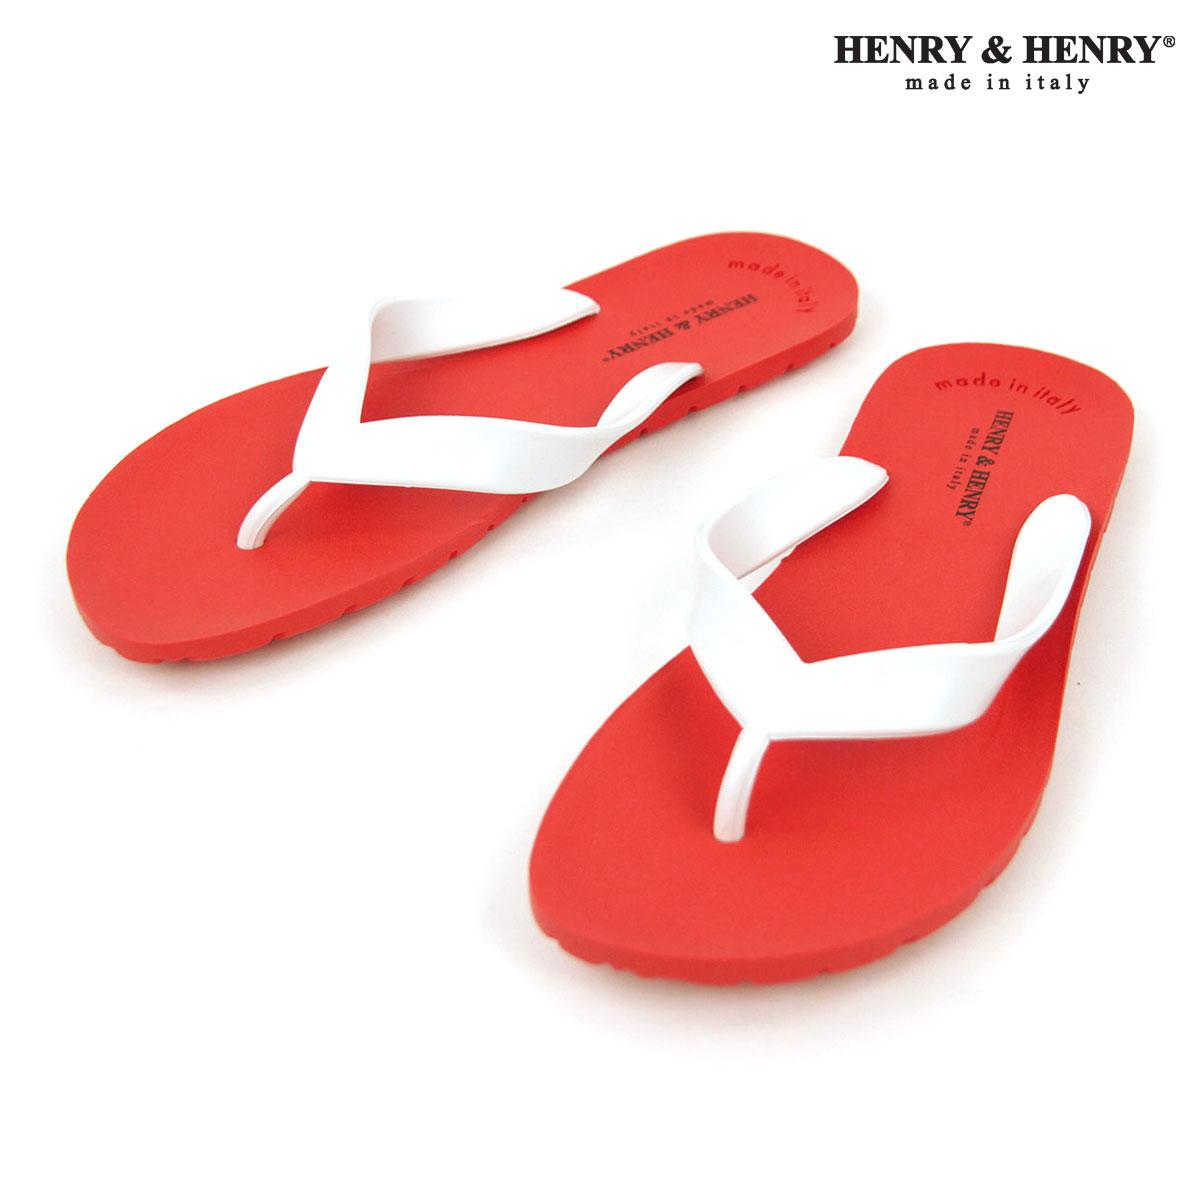 ヘンリーアンドヘンリー サンダル メンズ レディース 正規販売店 HENRY&HENRY トングサンダル ビーチサンダル フリッパー FRIPPER SANDAL ROSSO / BIANCO 17/31 A66B B3C C4D D3E E11F